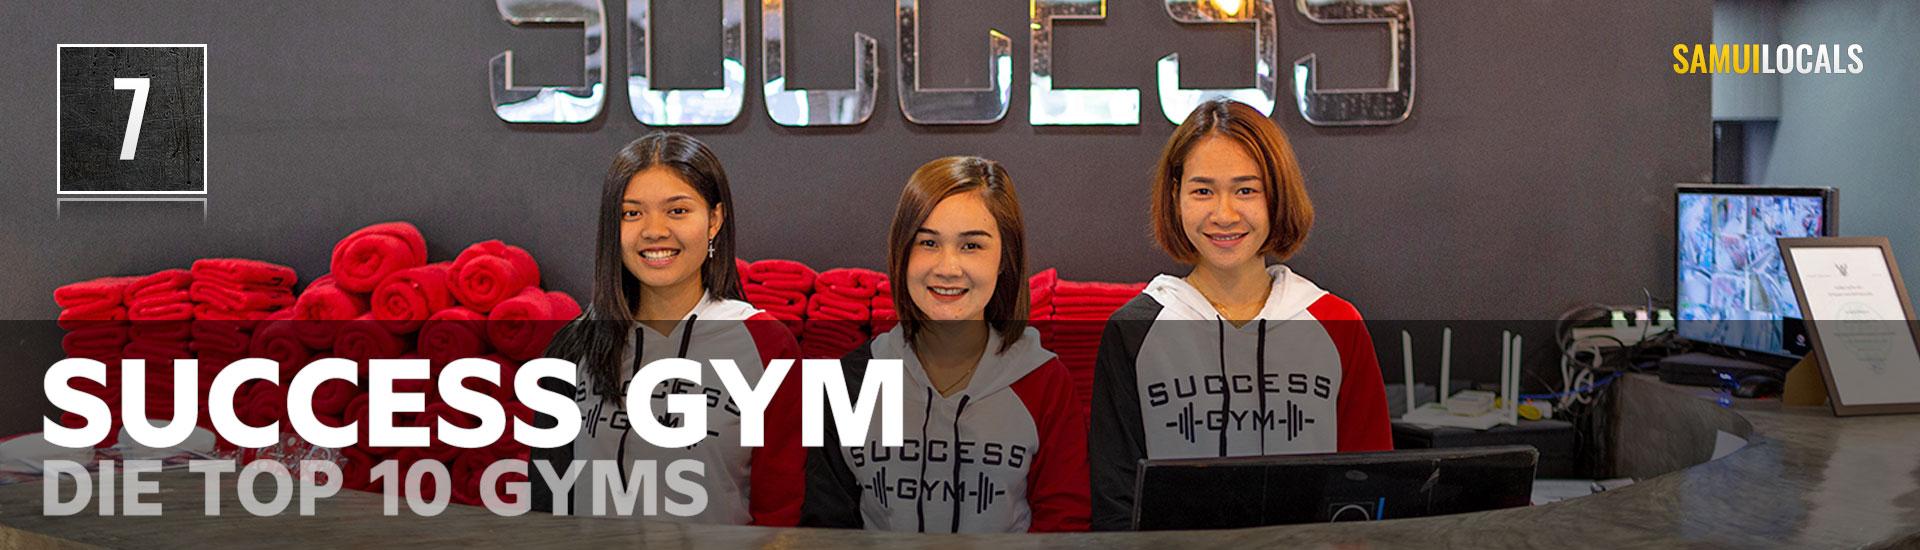 Top_10_gyms_success_gym